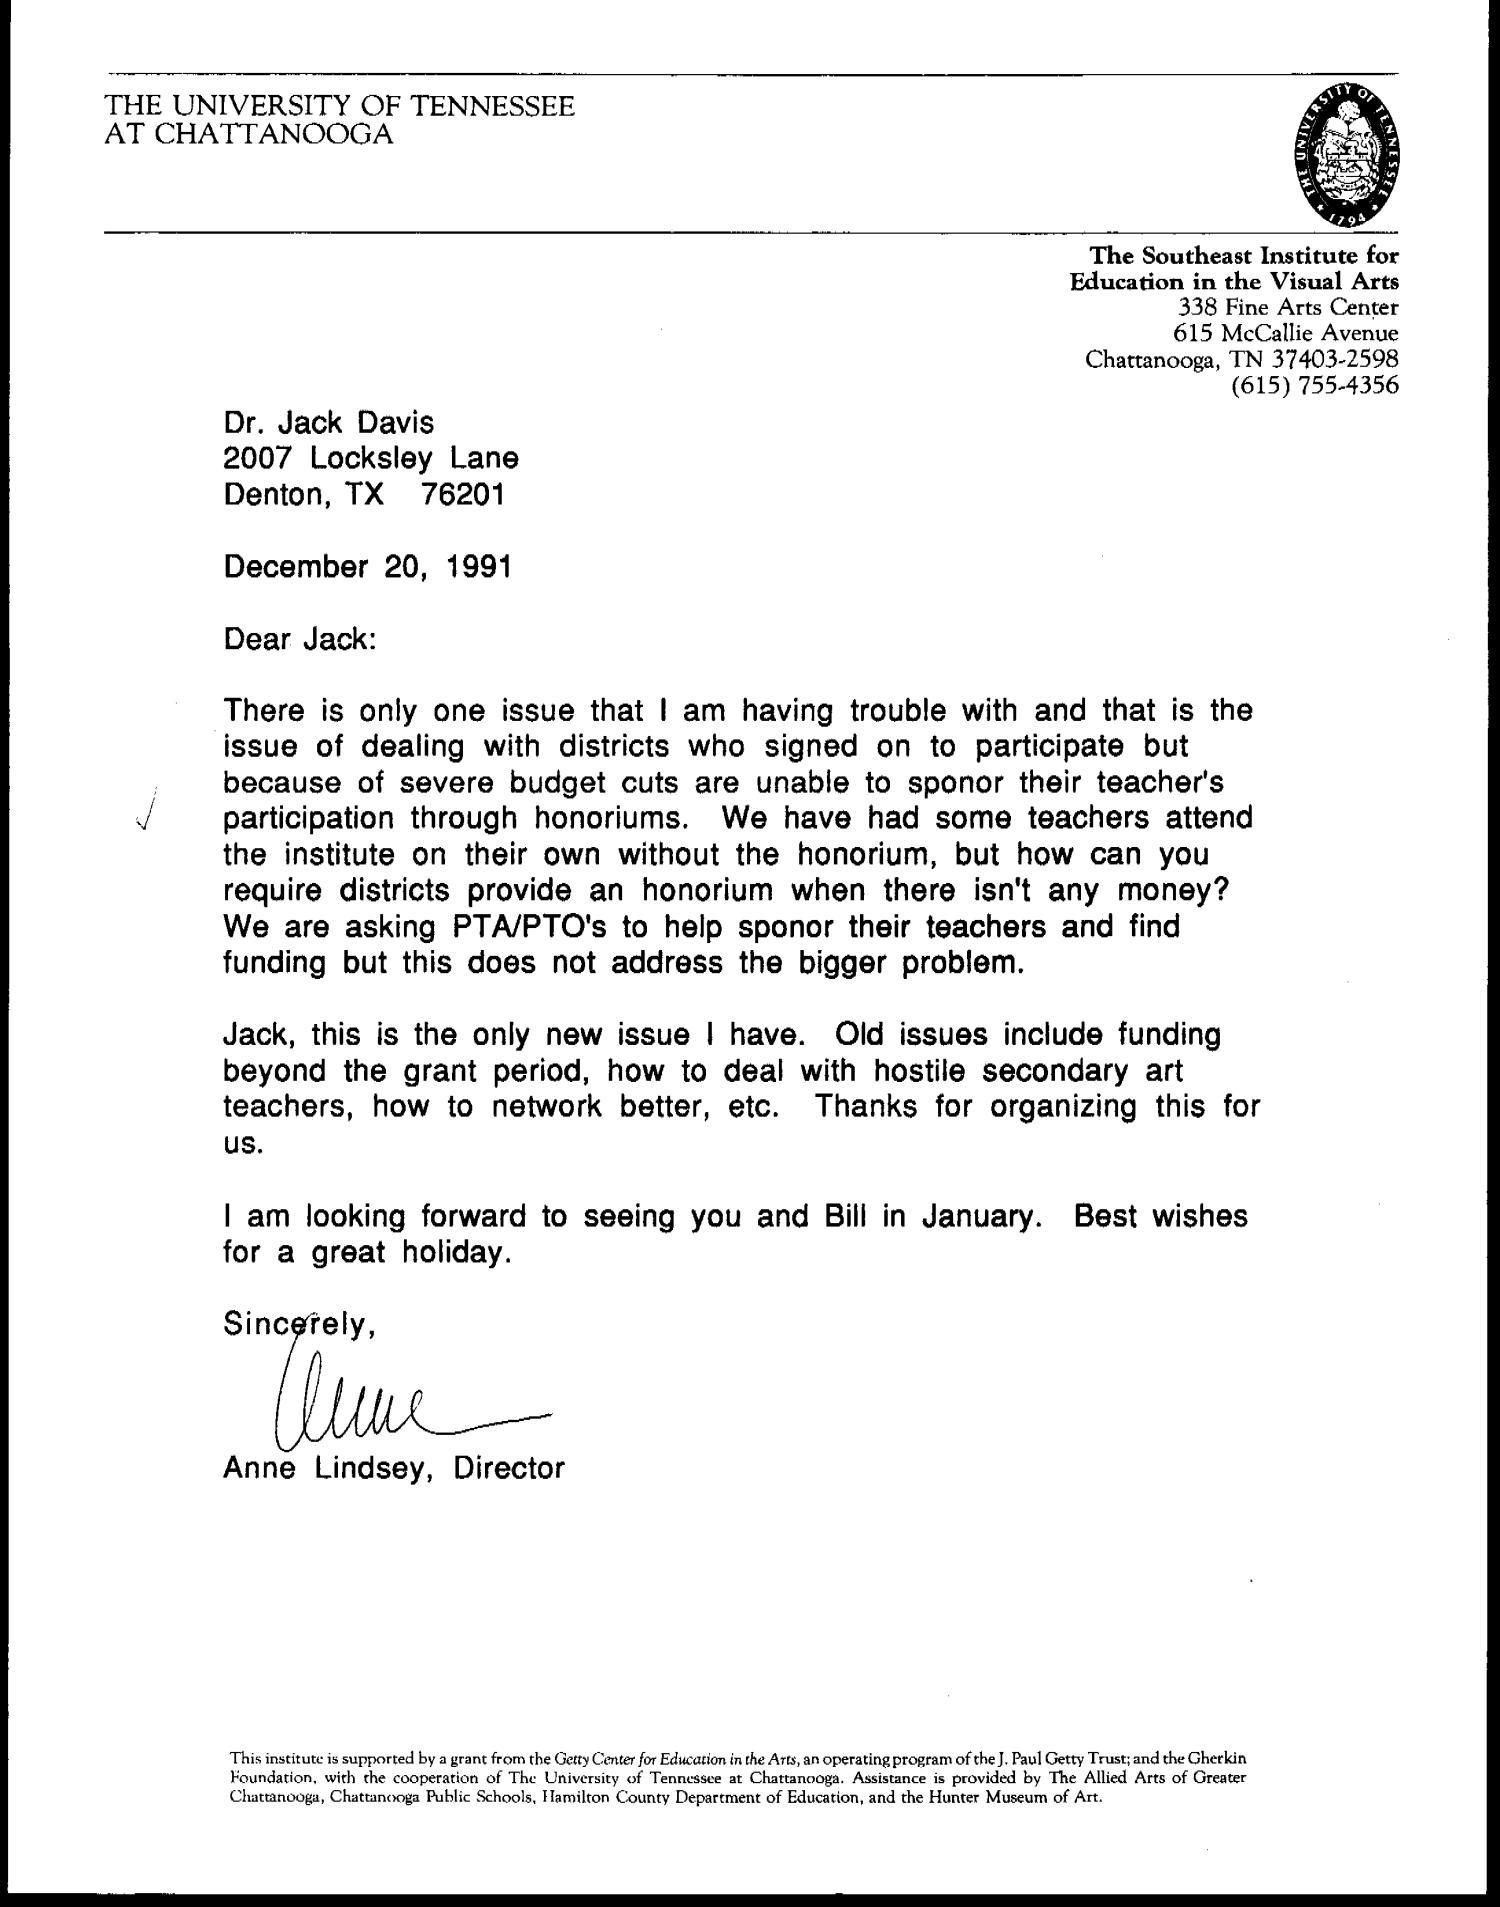 Letter from Anne Lindsey to Jack Davis, December 20, 1991